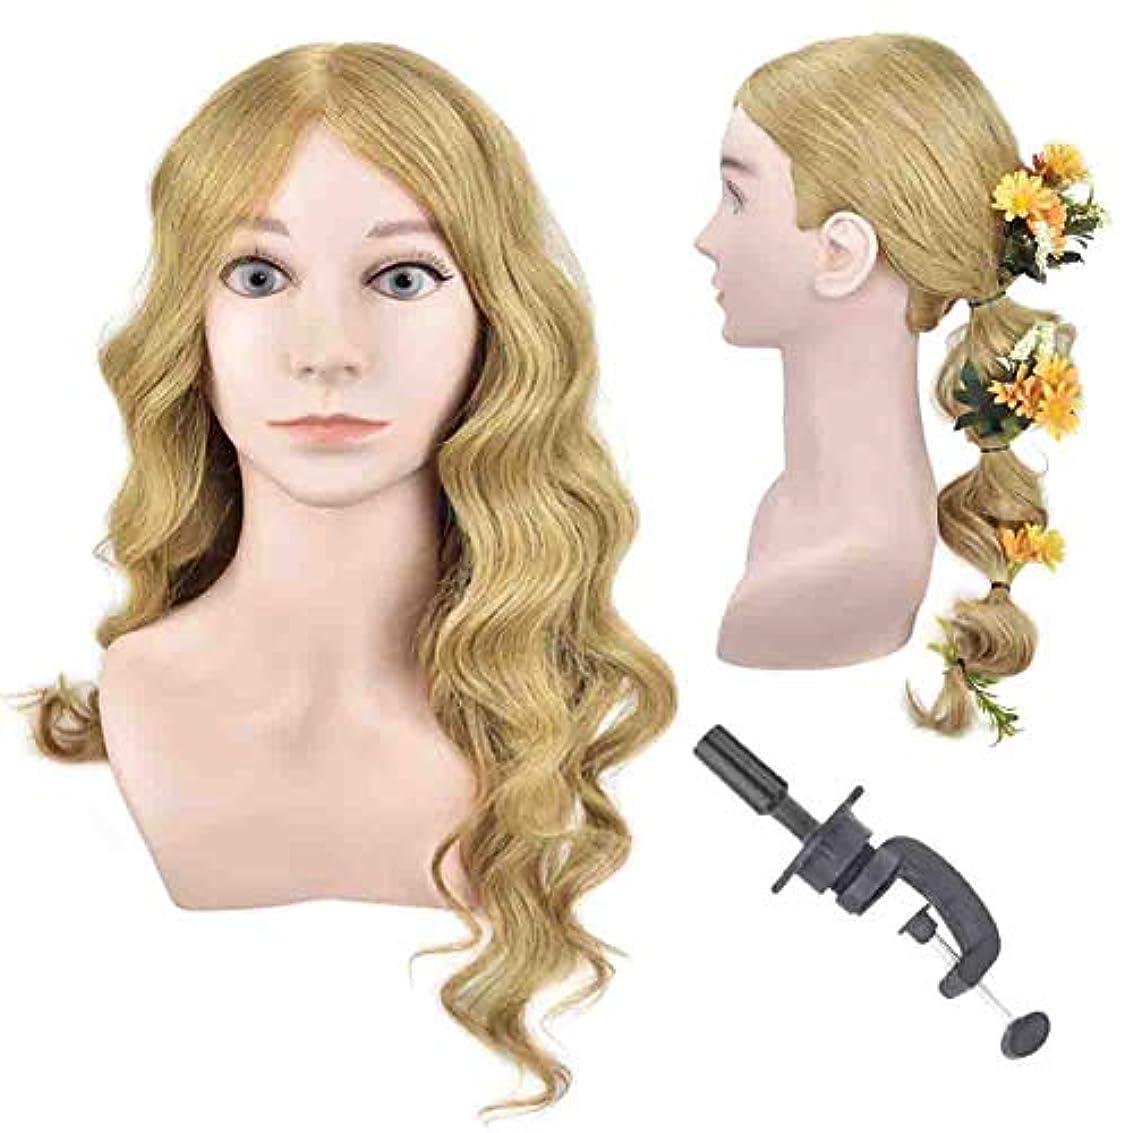 ウイルス首尾一貫した勧告編んだ髪のヘッドモデル本物の人間の髪のスタイルの学習モデルヘッドサロンの学習は熱いと染めた髪のダミーの頭にすることができます